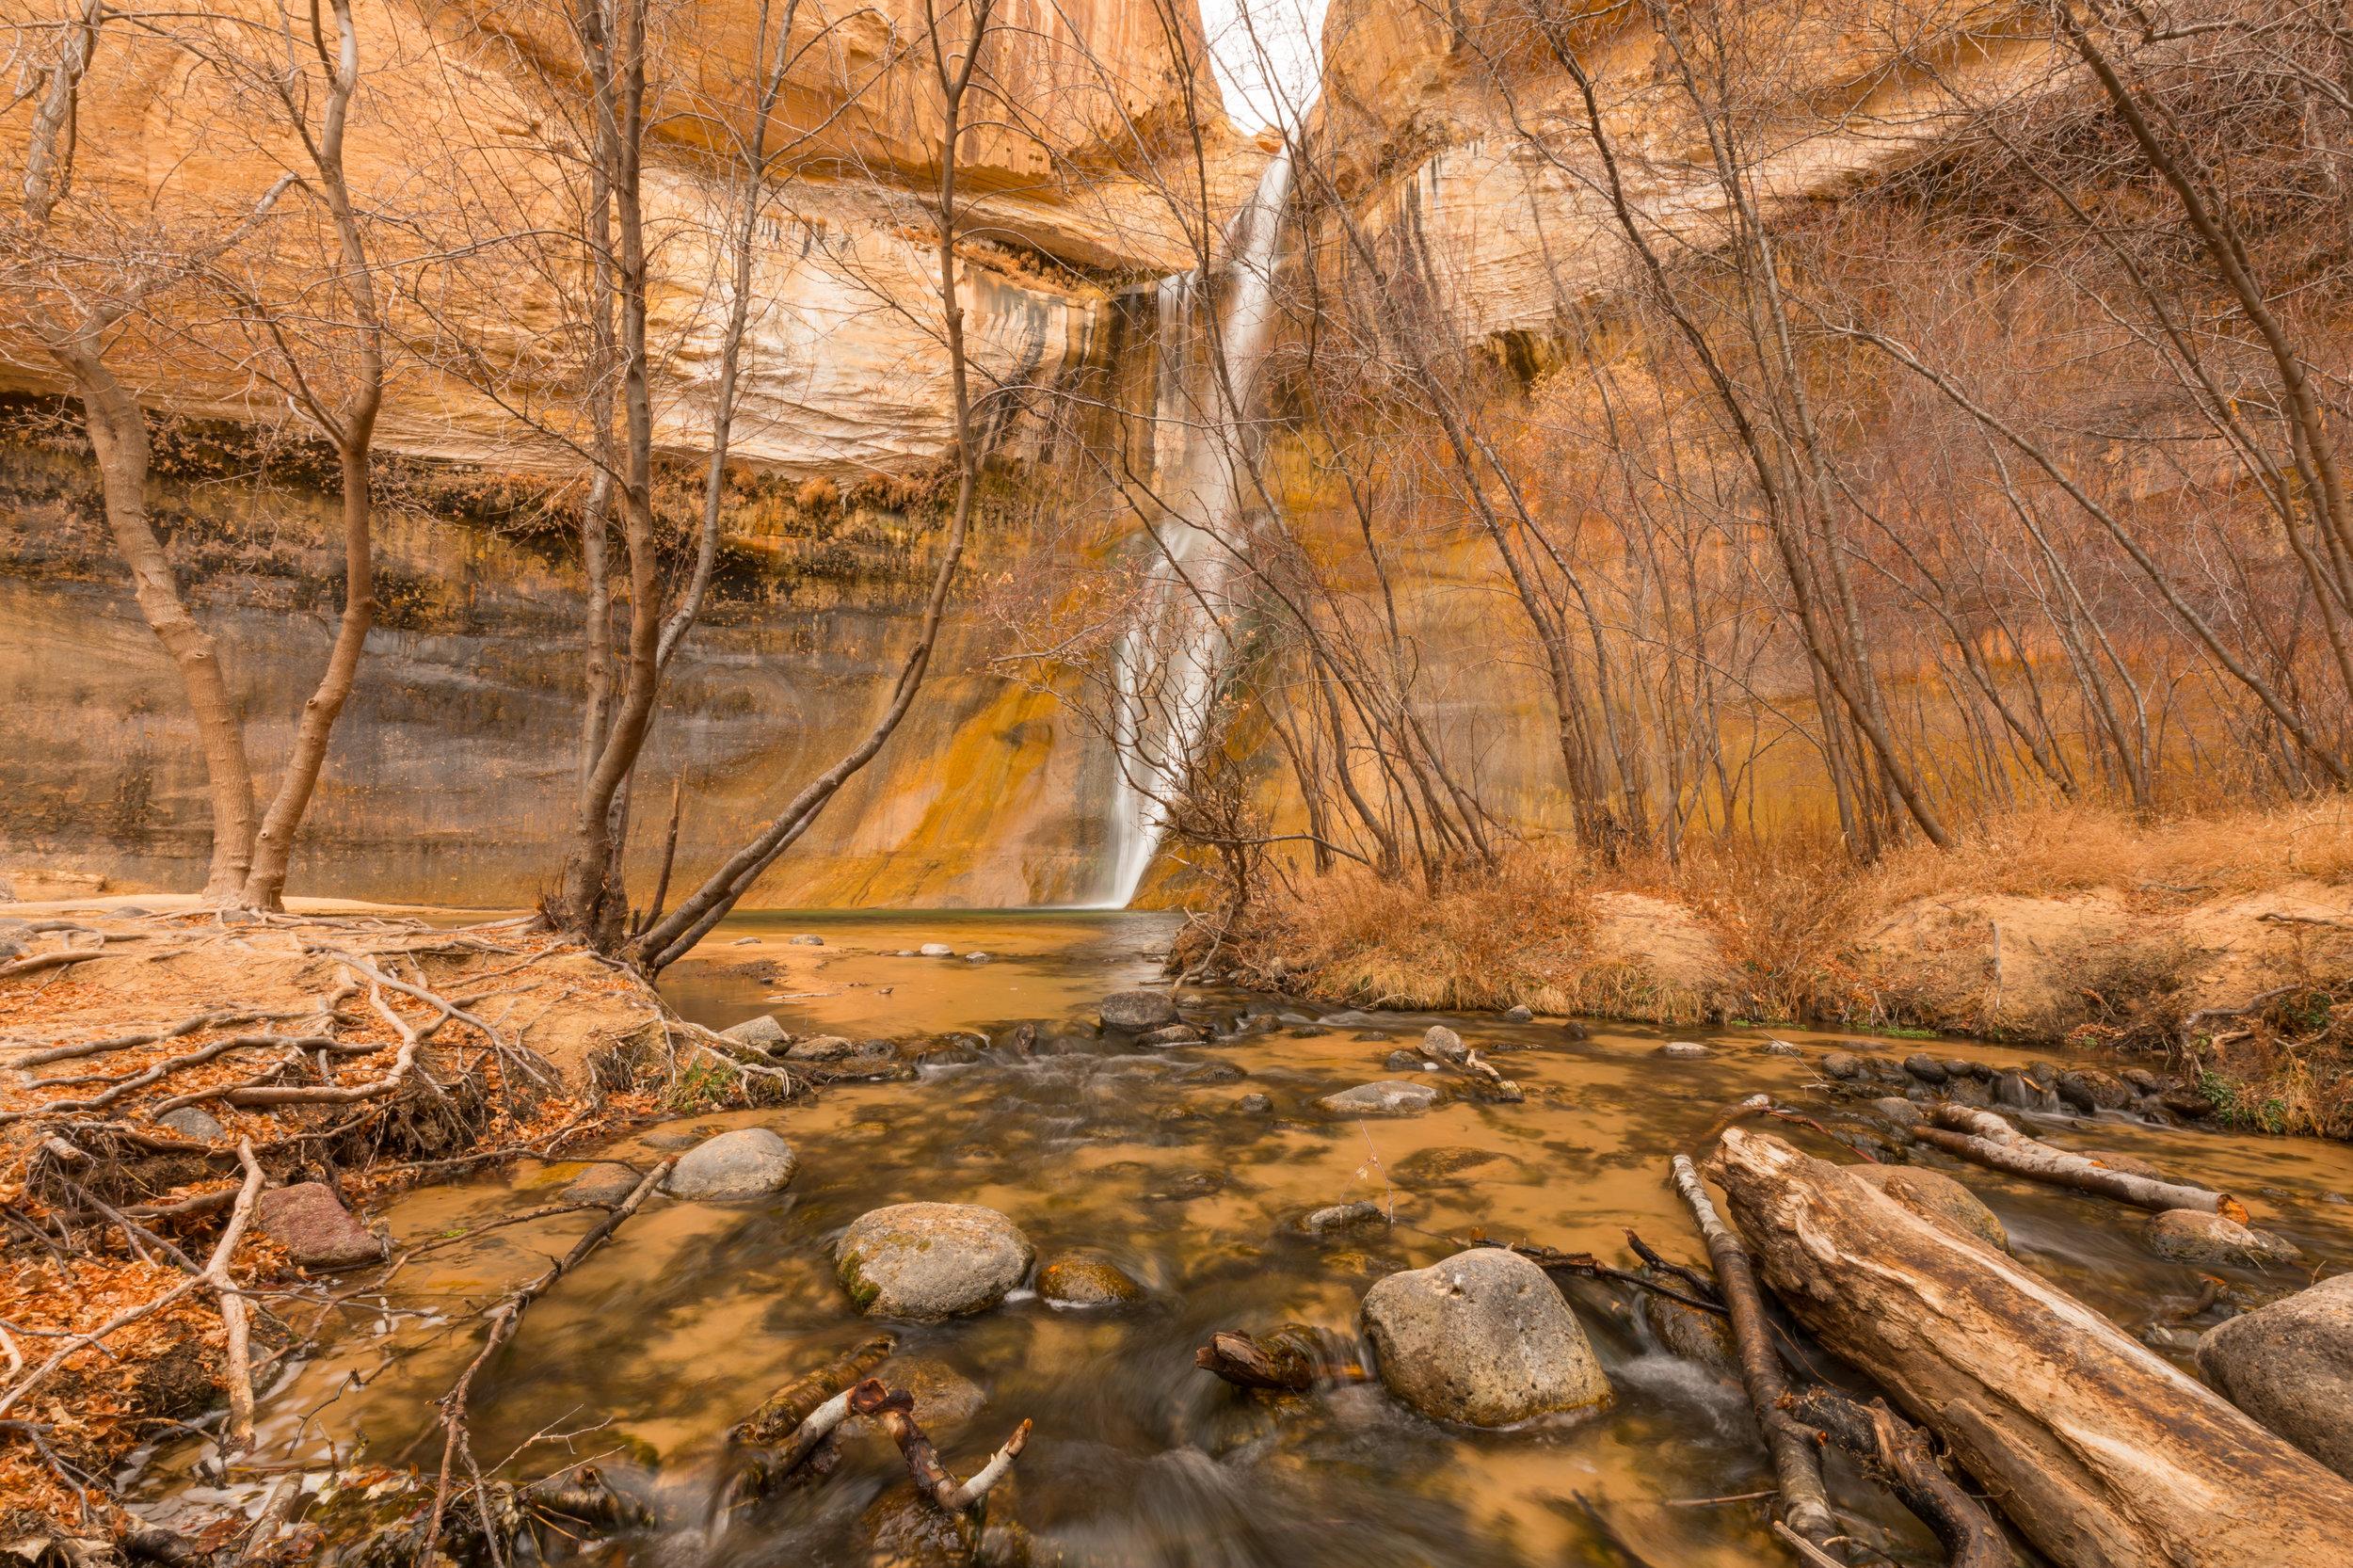 Lower Calf Creek Falls, Image # 3599